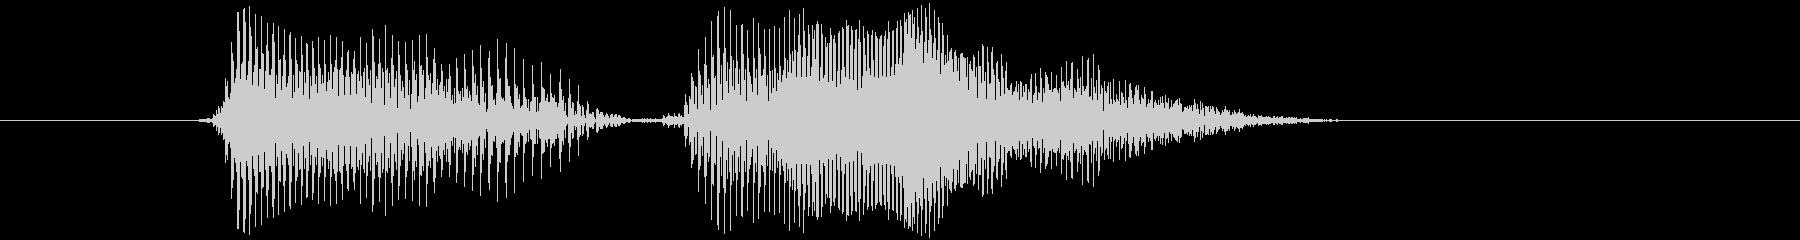 「ドヤドヤ」の未再生の波形